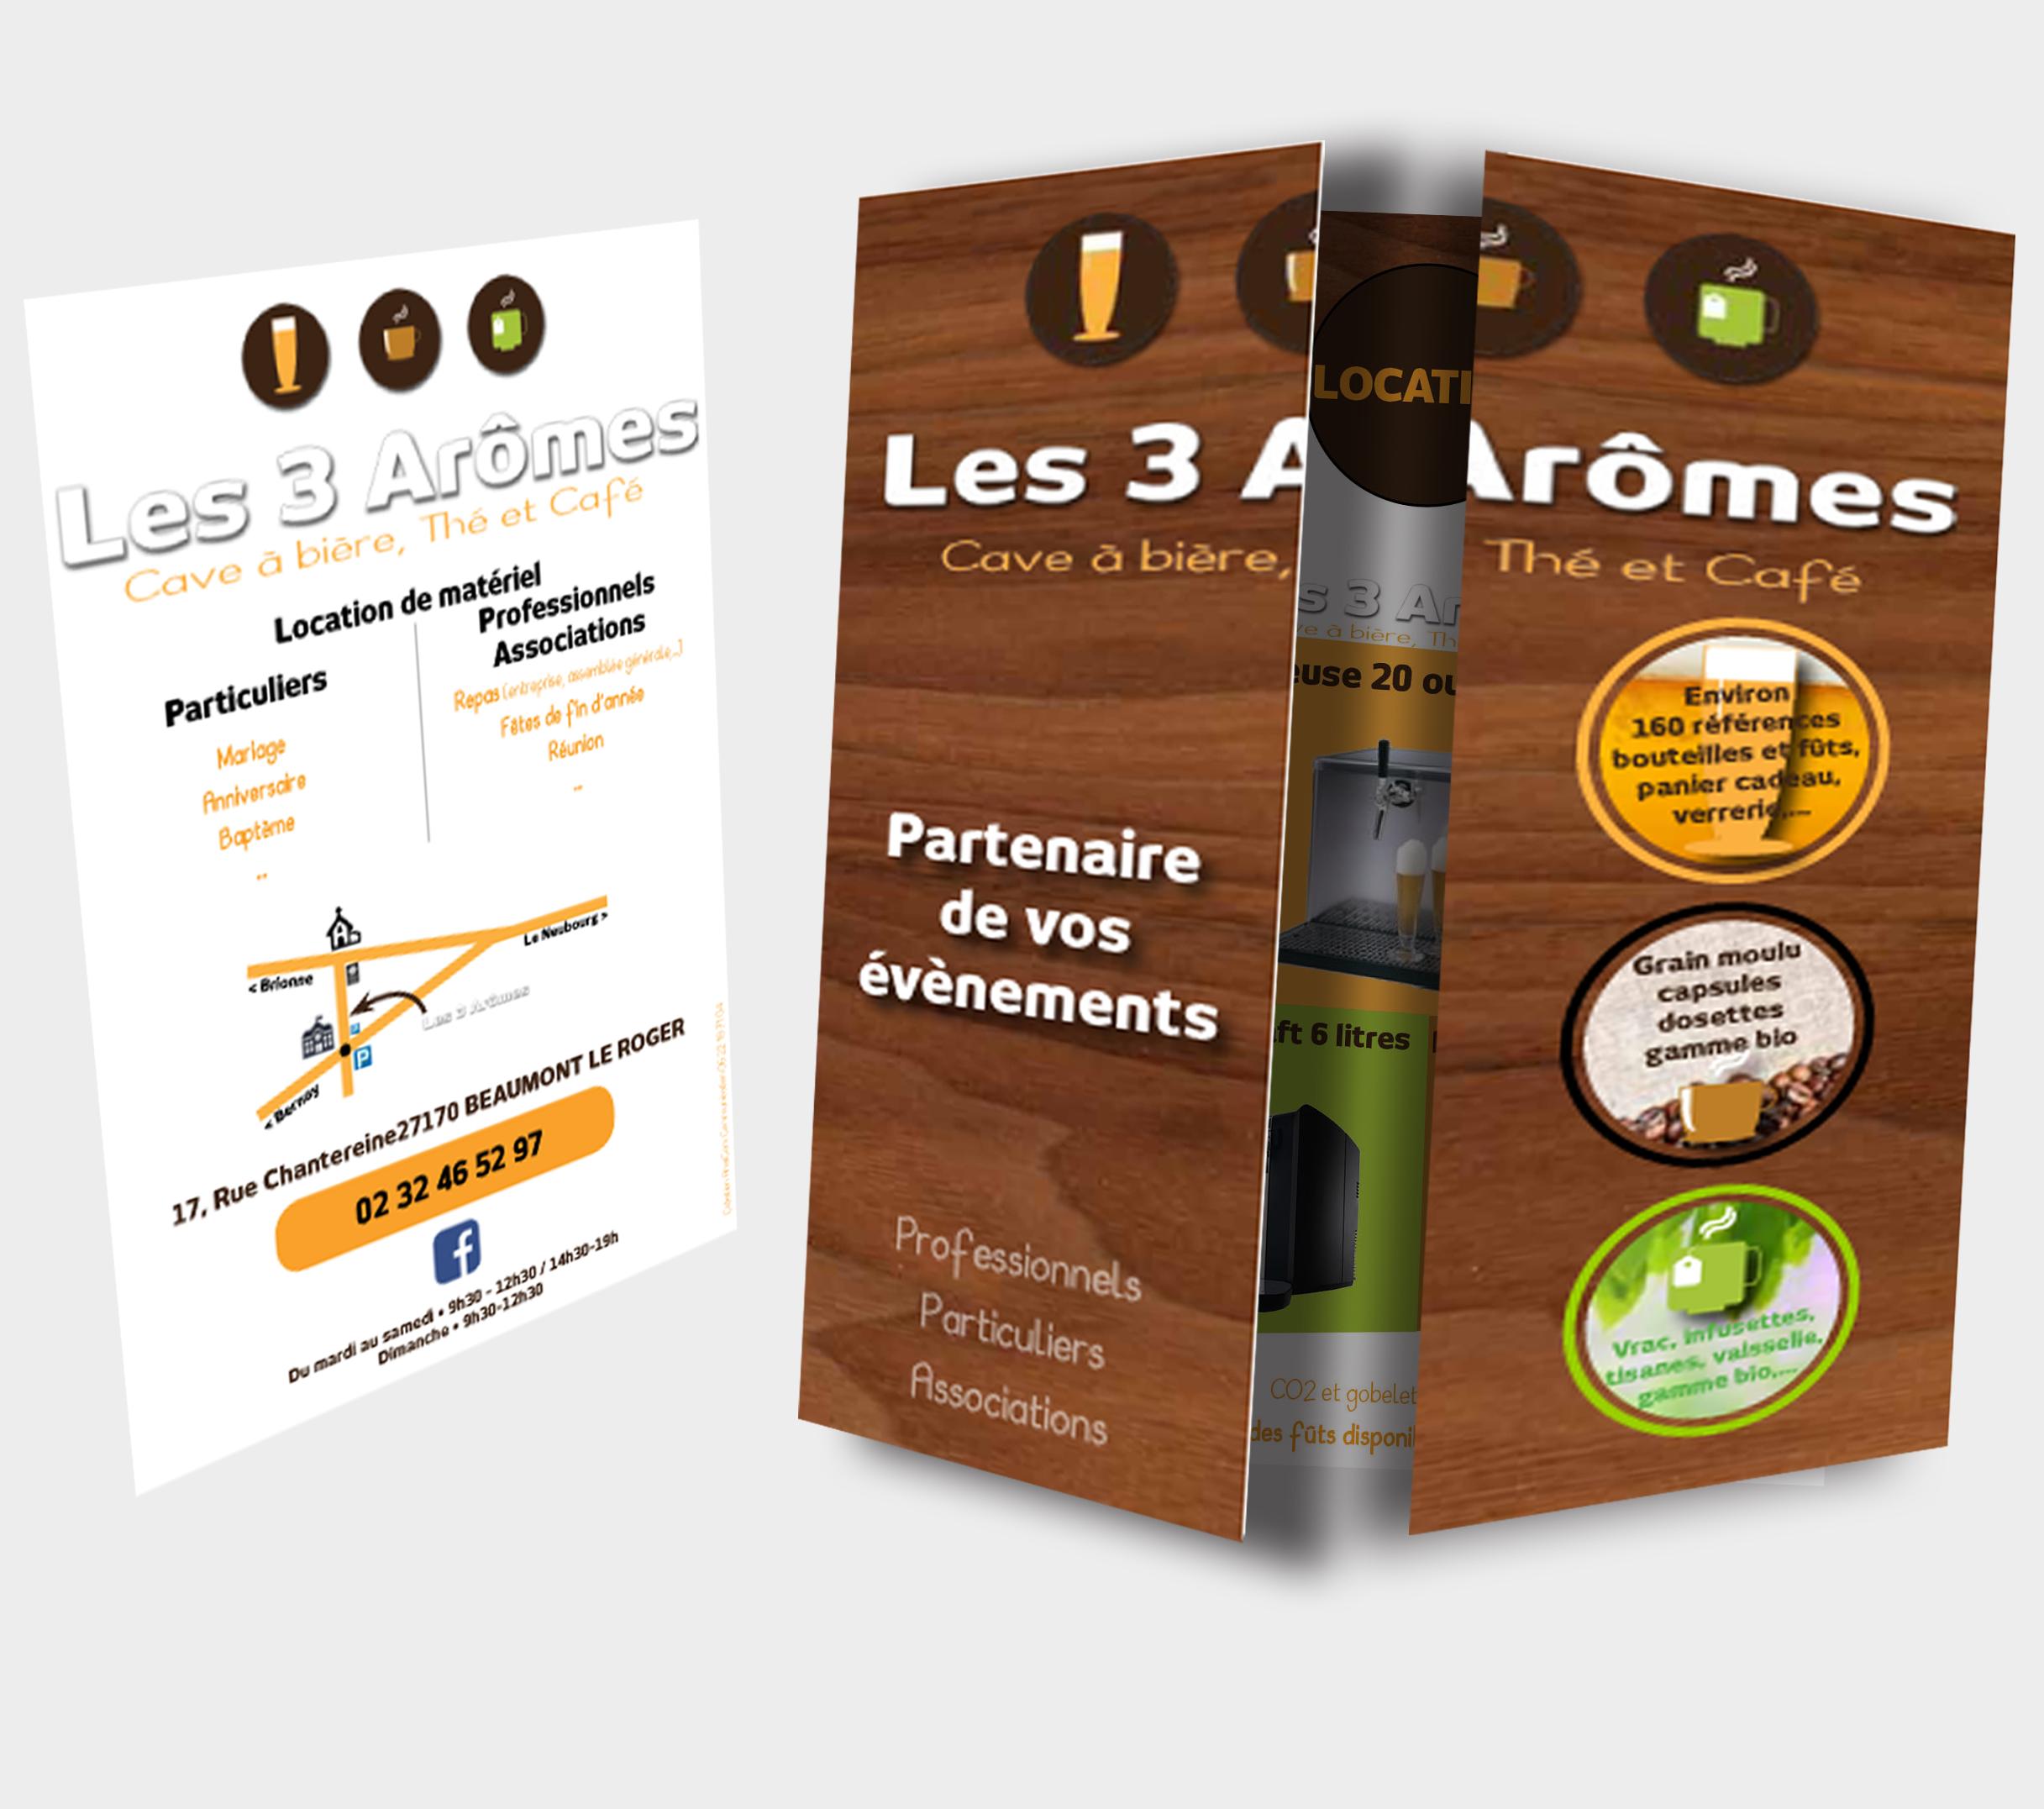 dépliant location materiel les 3 aromes beaumont le roger bernay le neubourg communication depliant impression Eure Normandie